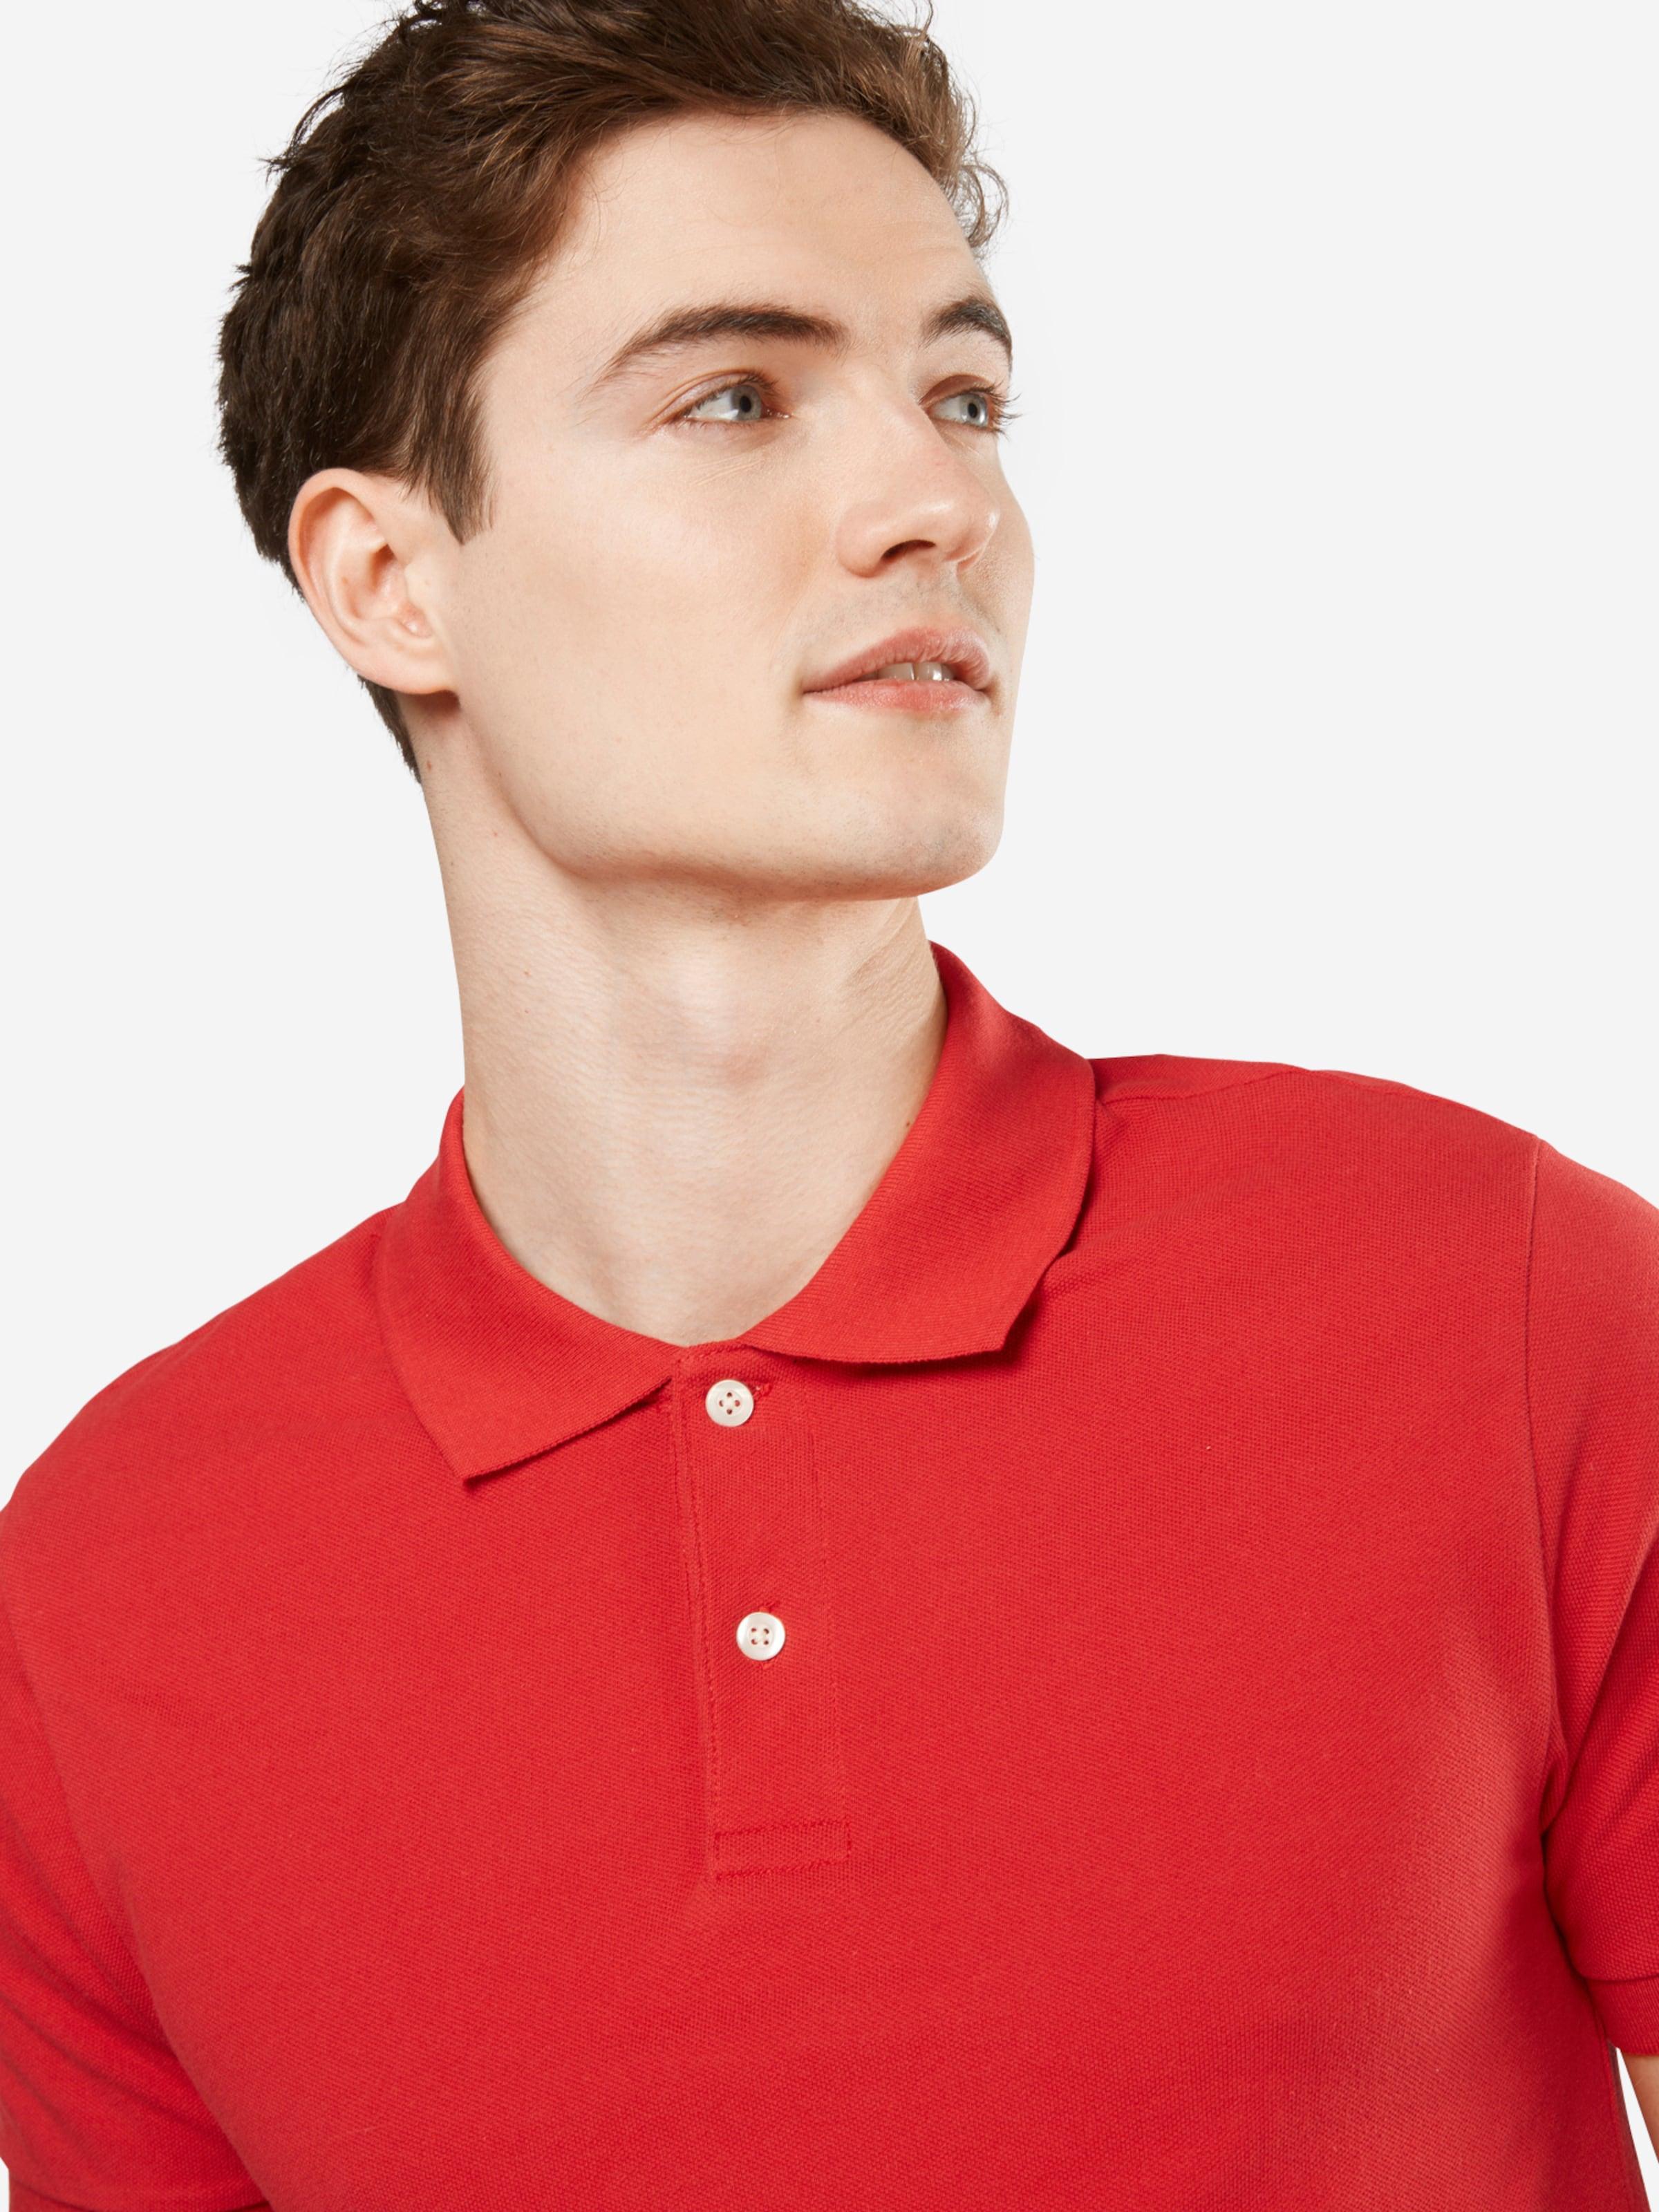 GAP Poloshirt 'V-BASIC PIQUE' Surfen Günstig Online Zum Verkauf Online-Verkauf Kostengünstige Online Footlocker Zum Verkauf Brandneues Unisex Verkauf Online BIxT8uq7